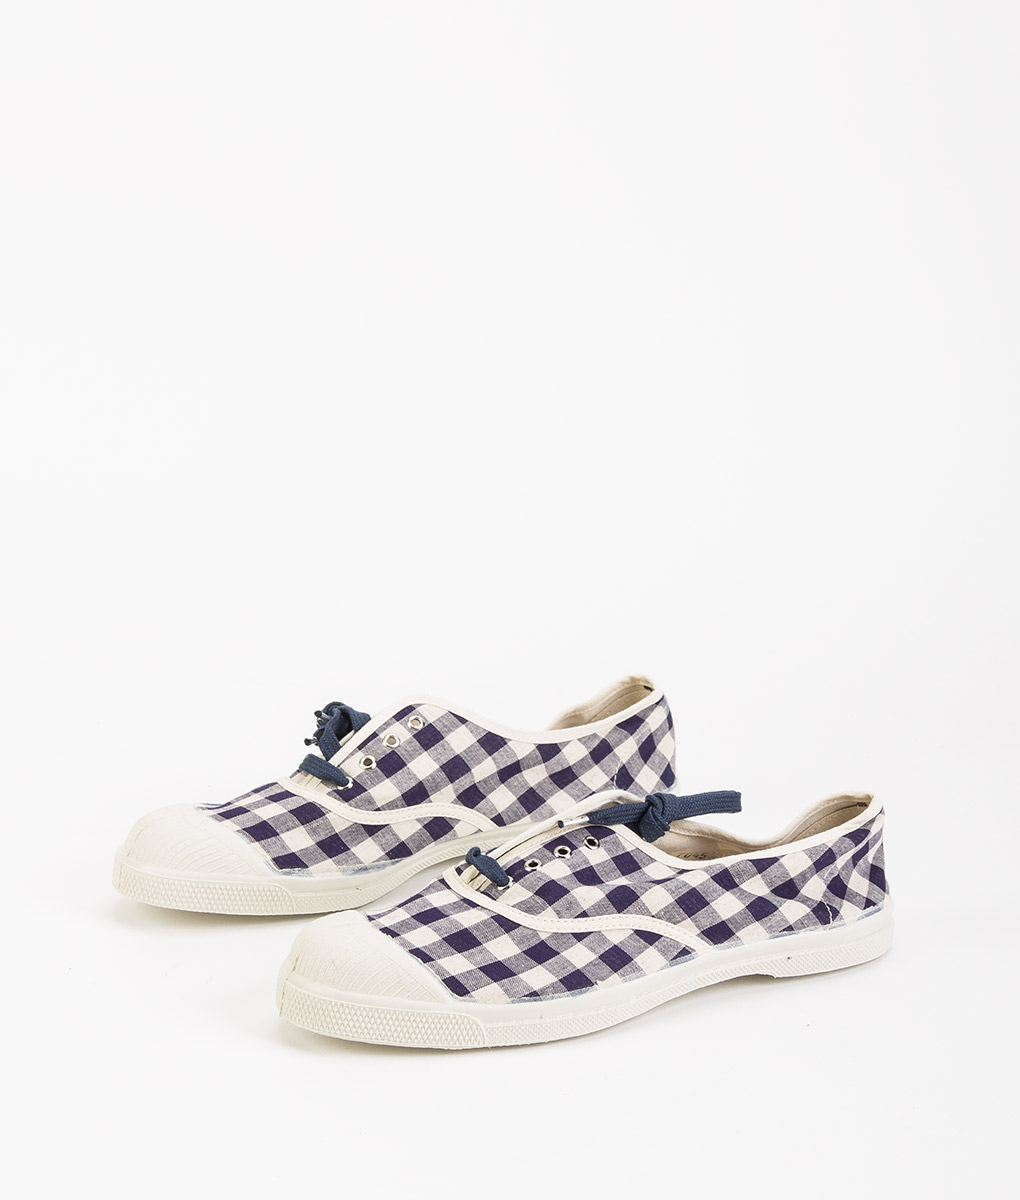 BENSIMON Women Sneakers 15004 TENNIS LACE Vichy, Navy 39.99